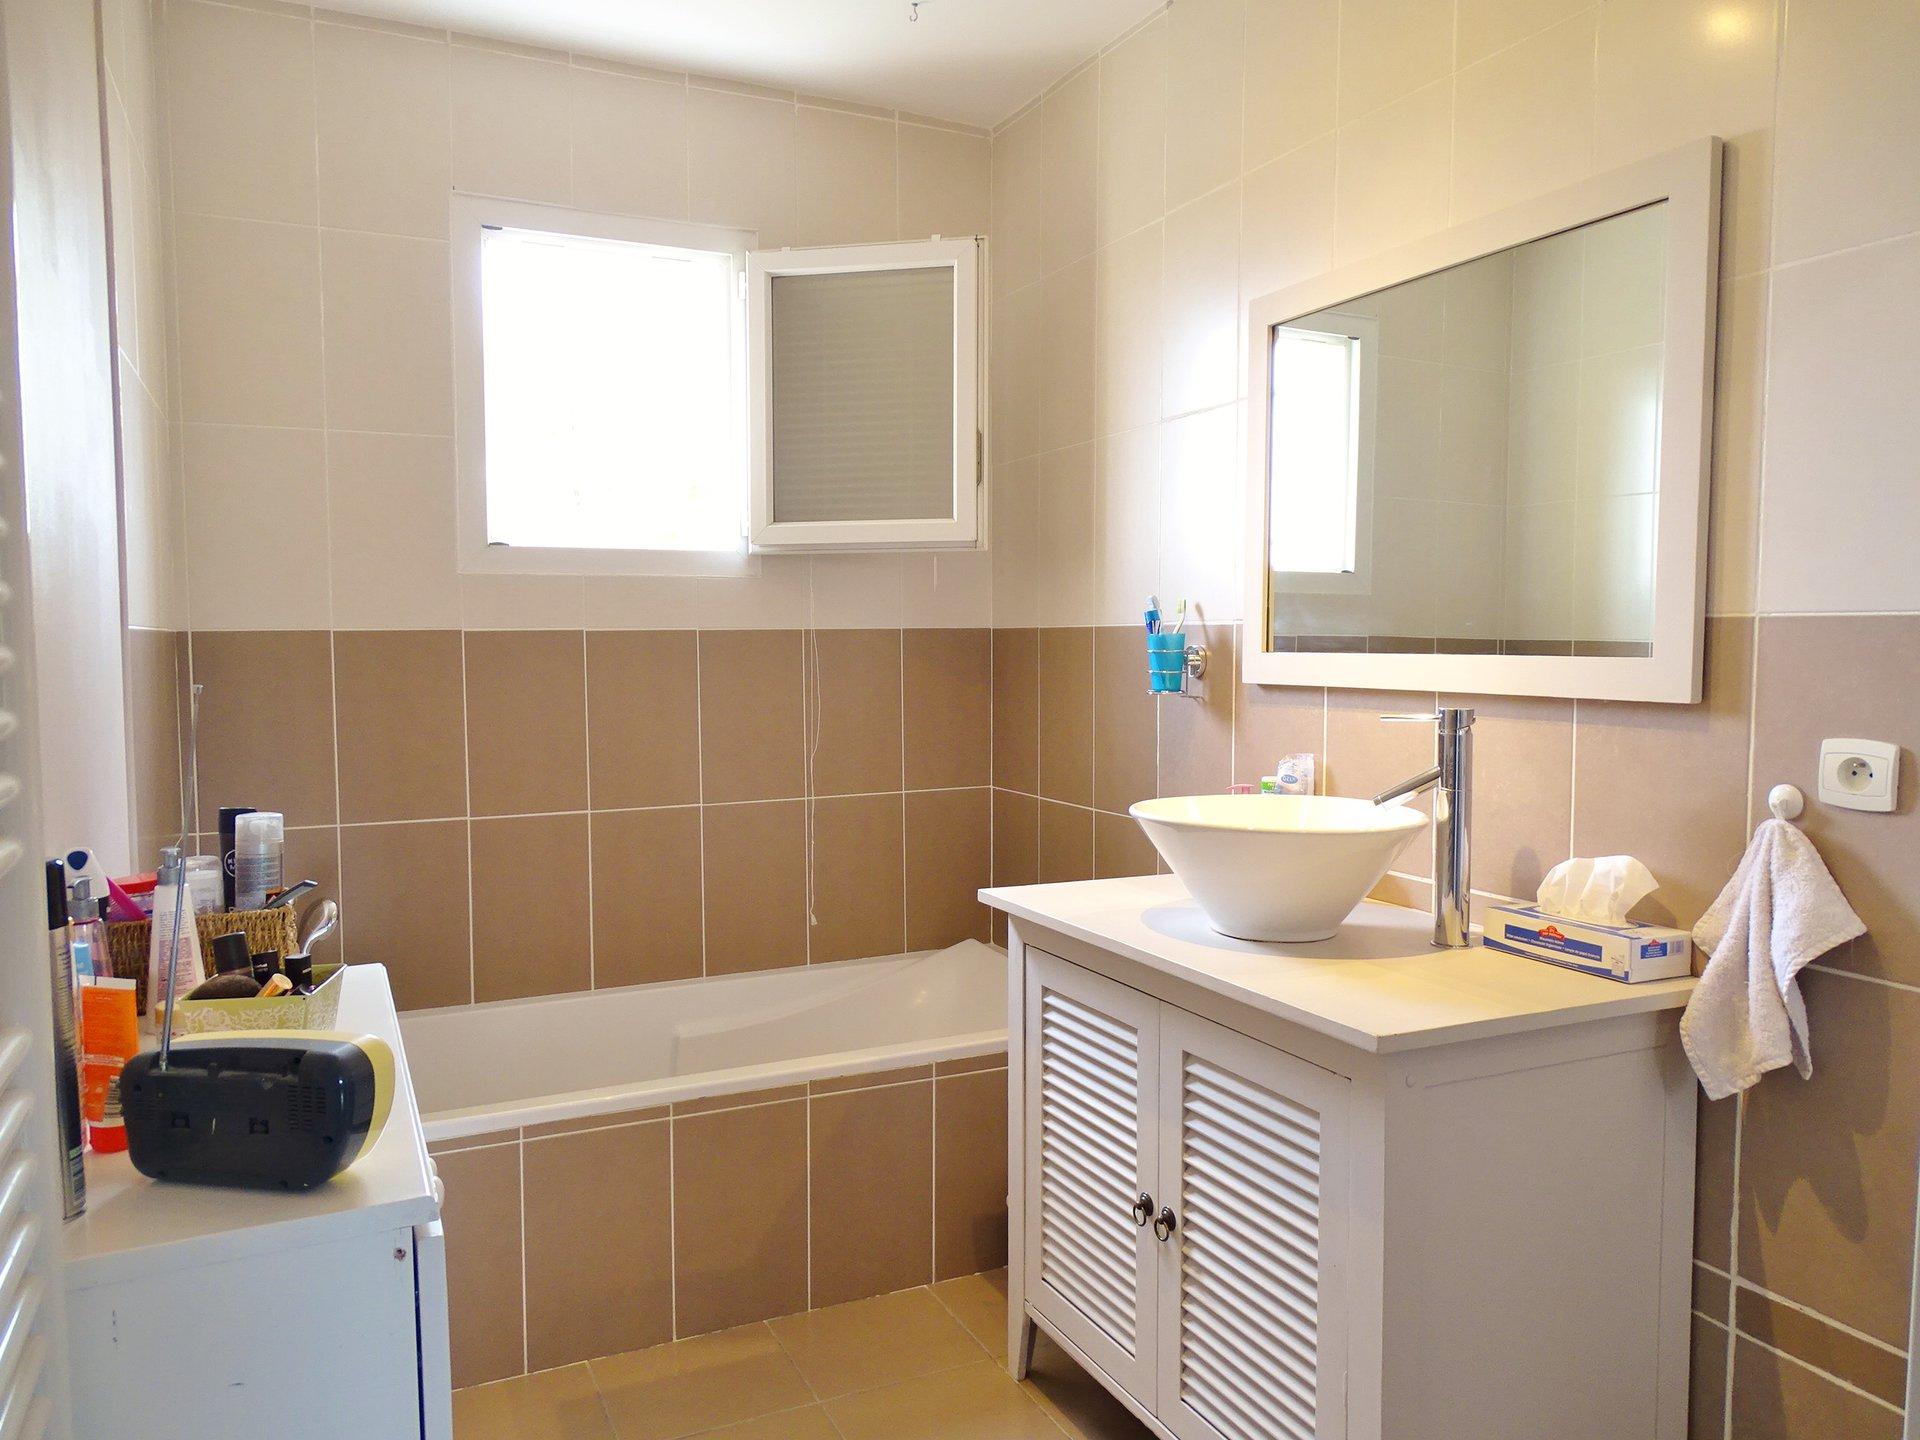 A 10 mn de Mâcon, dans le village de Senozan, venez découvrir cette agréable maison située sur un terrain facile d'entretien de 705 m².  Elle offre une belle pièce à vivre de plus de 40 m² à la triple exposition avec sa cuisine ouverte entièrement équipée. L'espace nuit offre 3 chambres (de 10,4 m² à 12 m²) avec des placards intégrés ainsi qu'un bureau et une buanderie. La salle de bains jouit d'une baignoire et d'une douche.  Cette maison donne directement sur une très belle terrasse aussi bien à l'Est qu'au sud.  Piscine semi-enterrée, garage attenant et abris de jardin complètent idéalement ce bien immobilier. A visiter sans tarder! Honoraires à la charge des vendeurs.